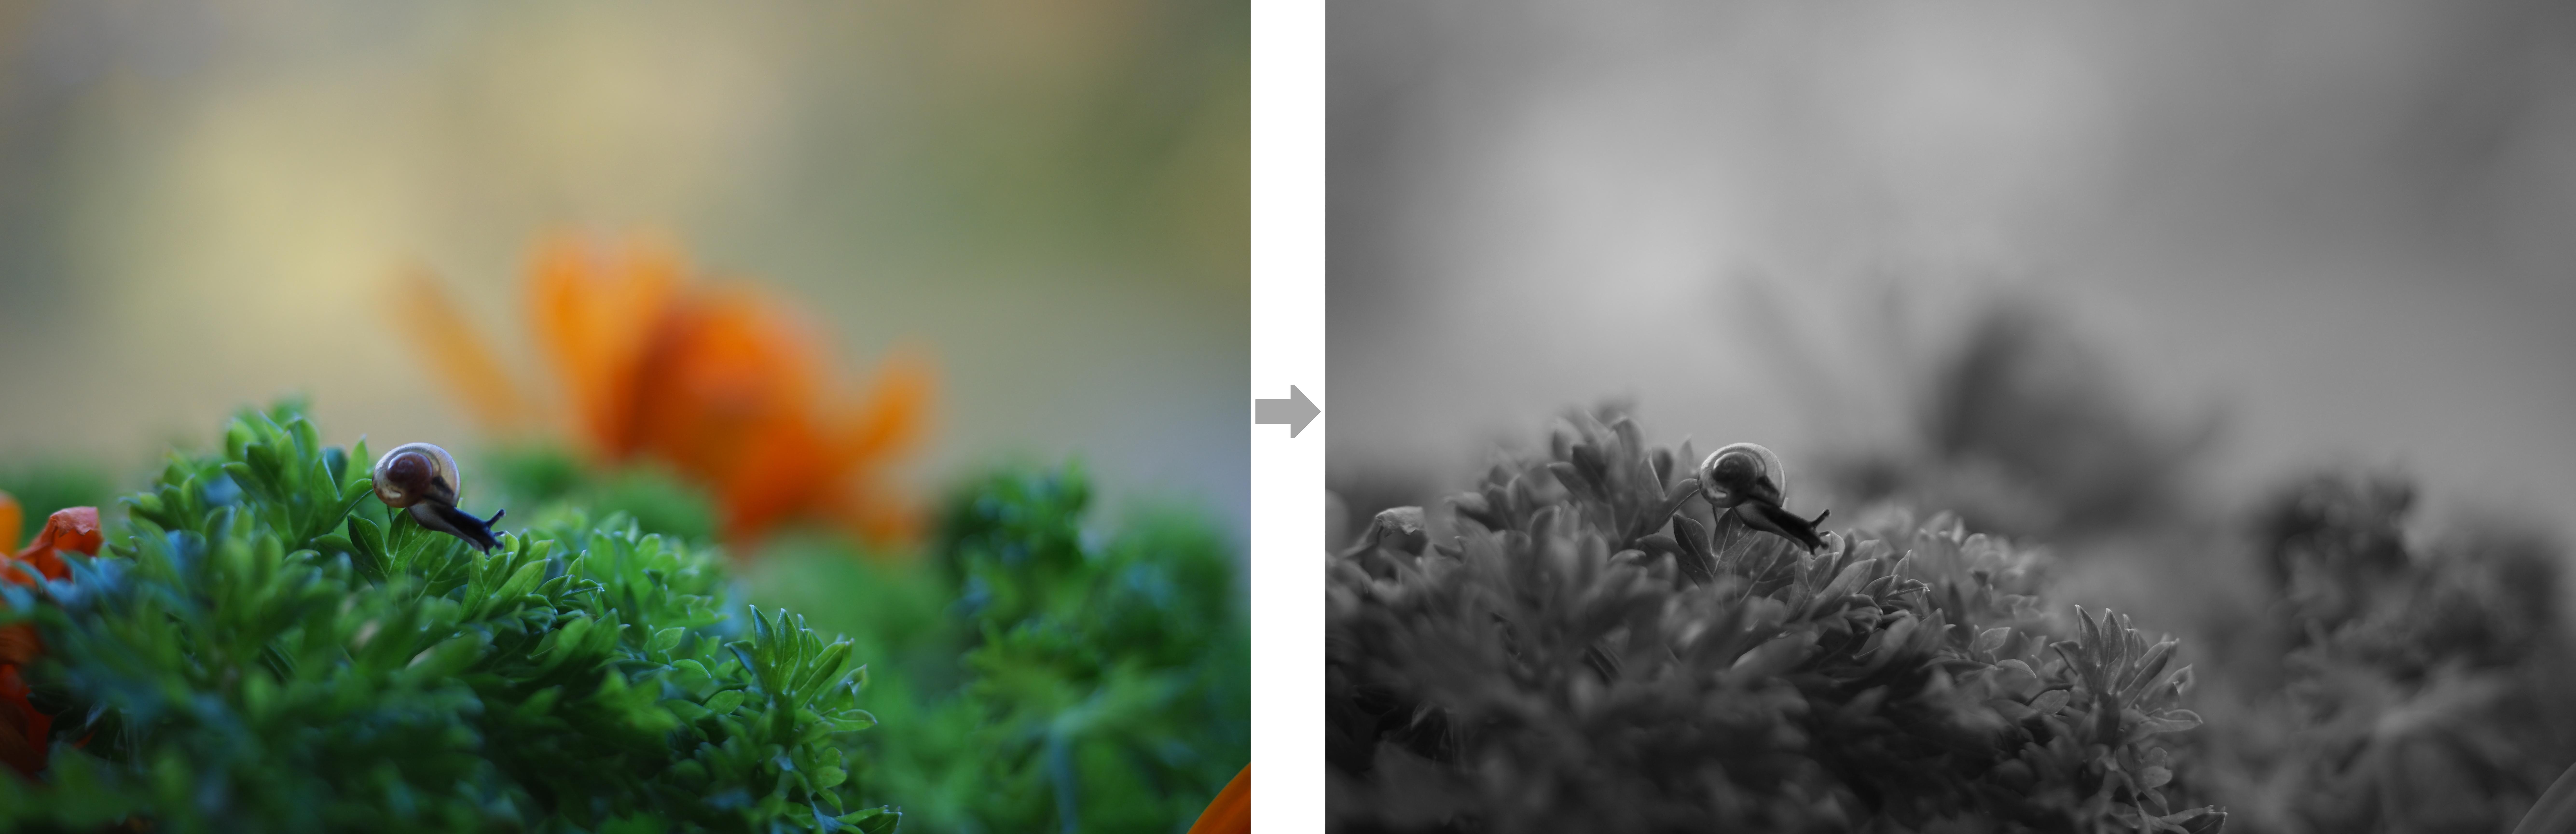 Olympus PEN-F võimaldab pilti töödelda kaamerasiseselt, näiteks saad teha pildi mustvalgeks või tõsta kontrastsust